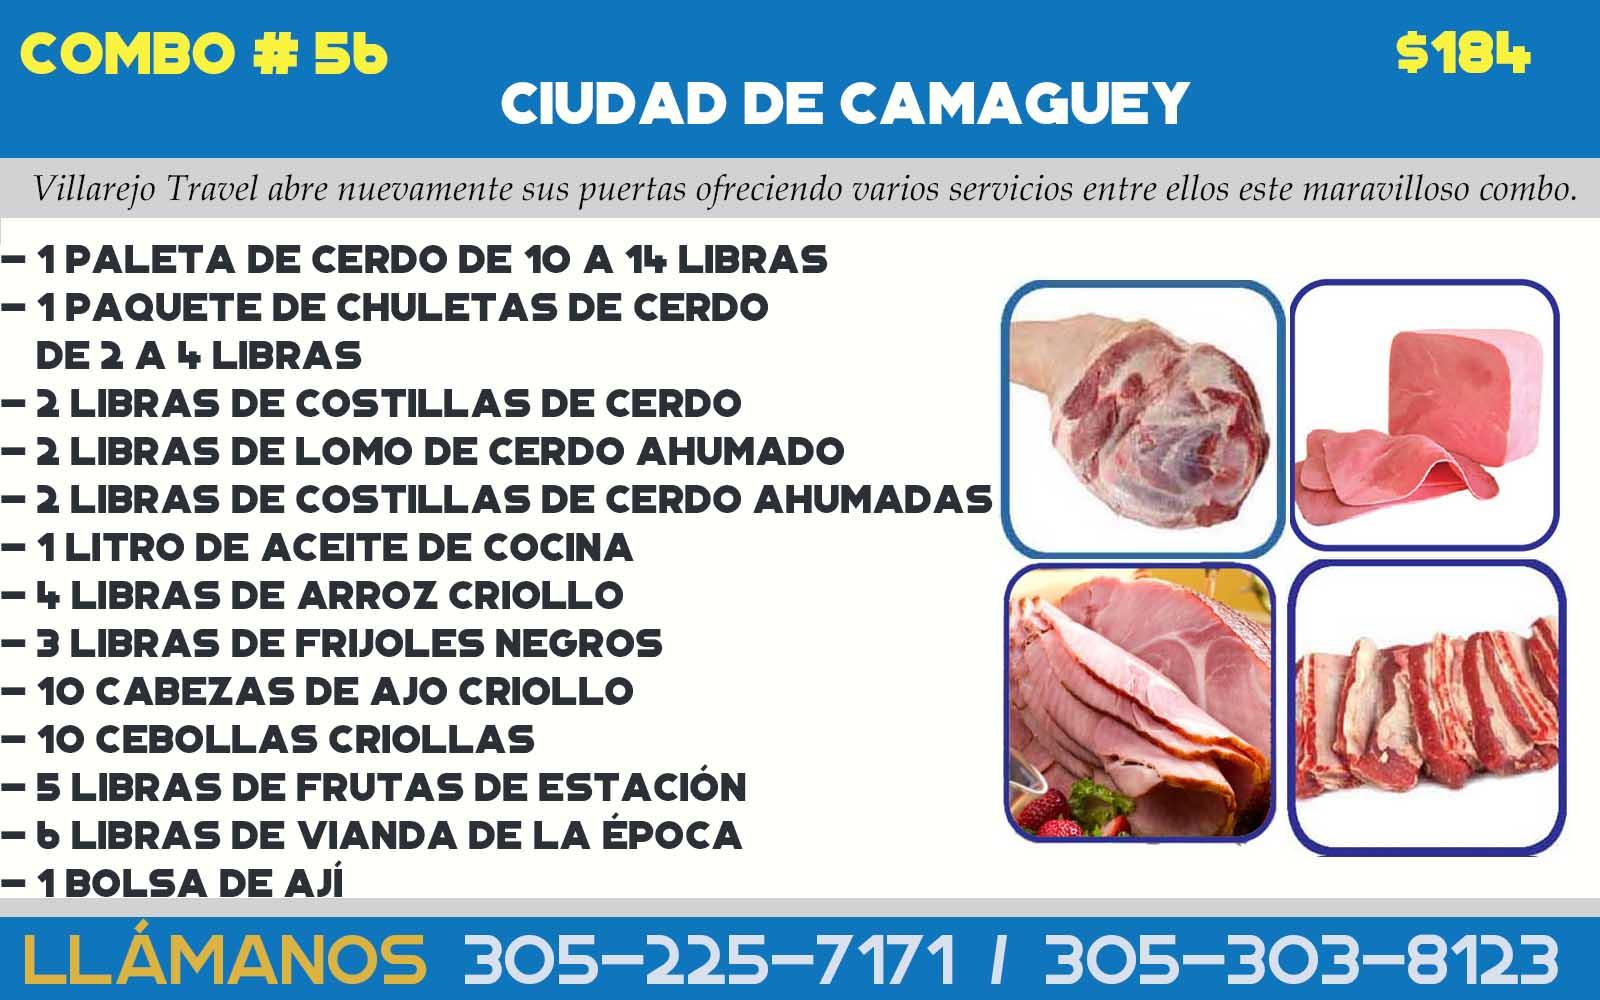 COMBO # 56 DE LA CIUDAD DE CAMAGUEY